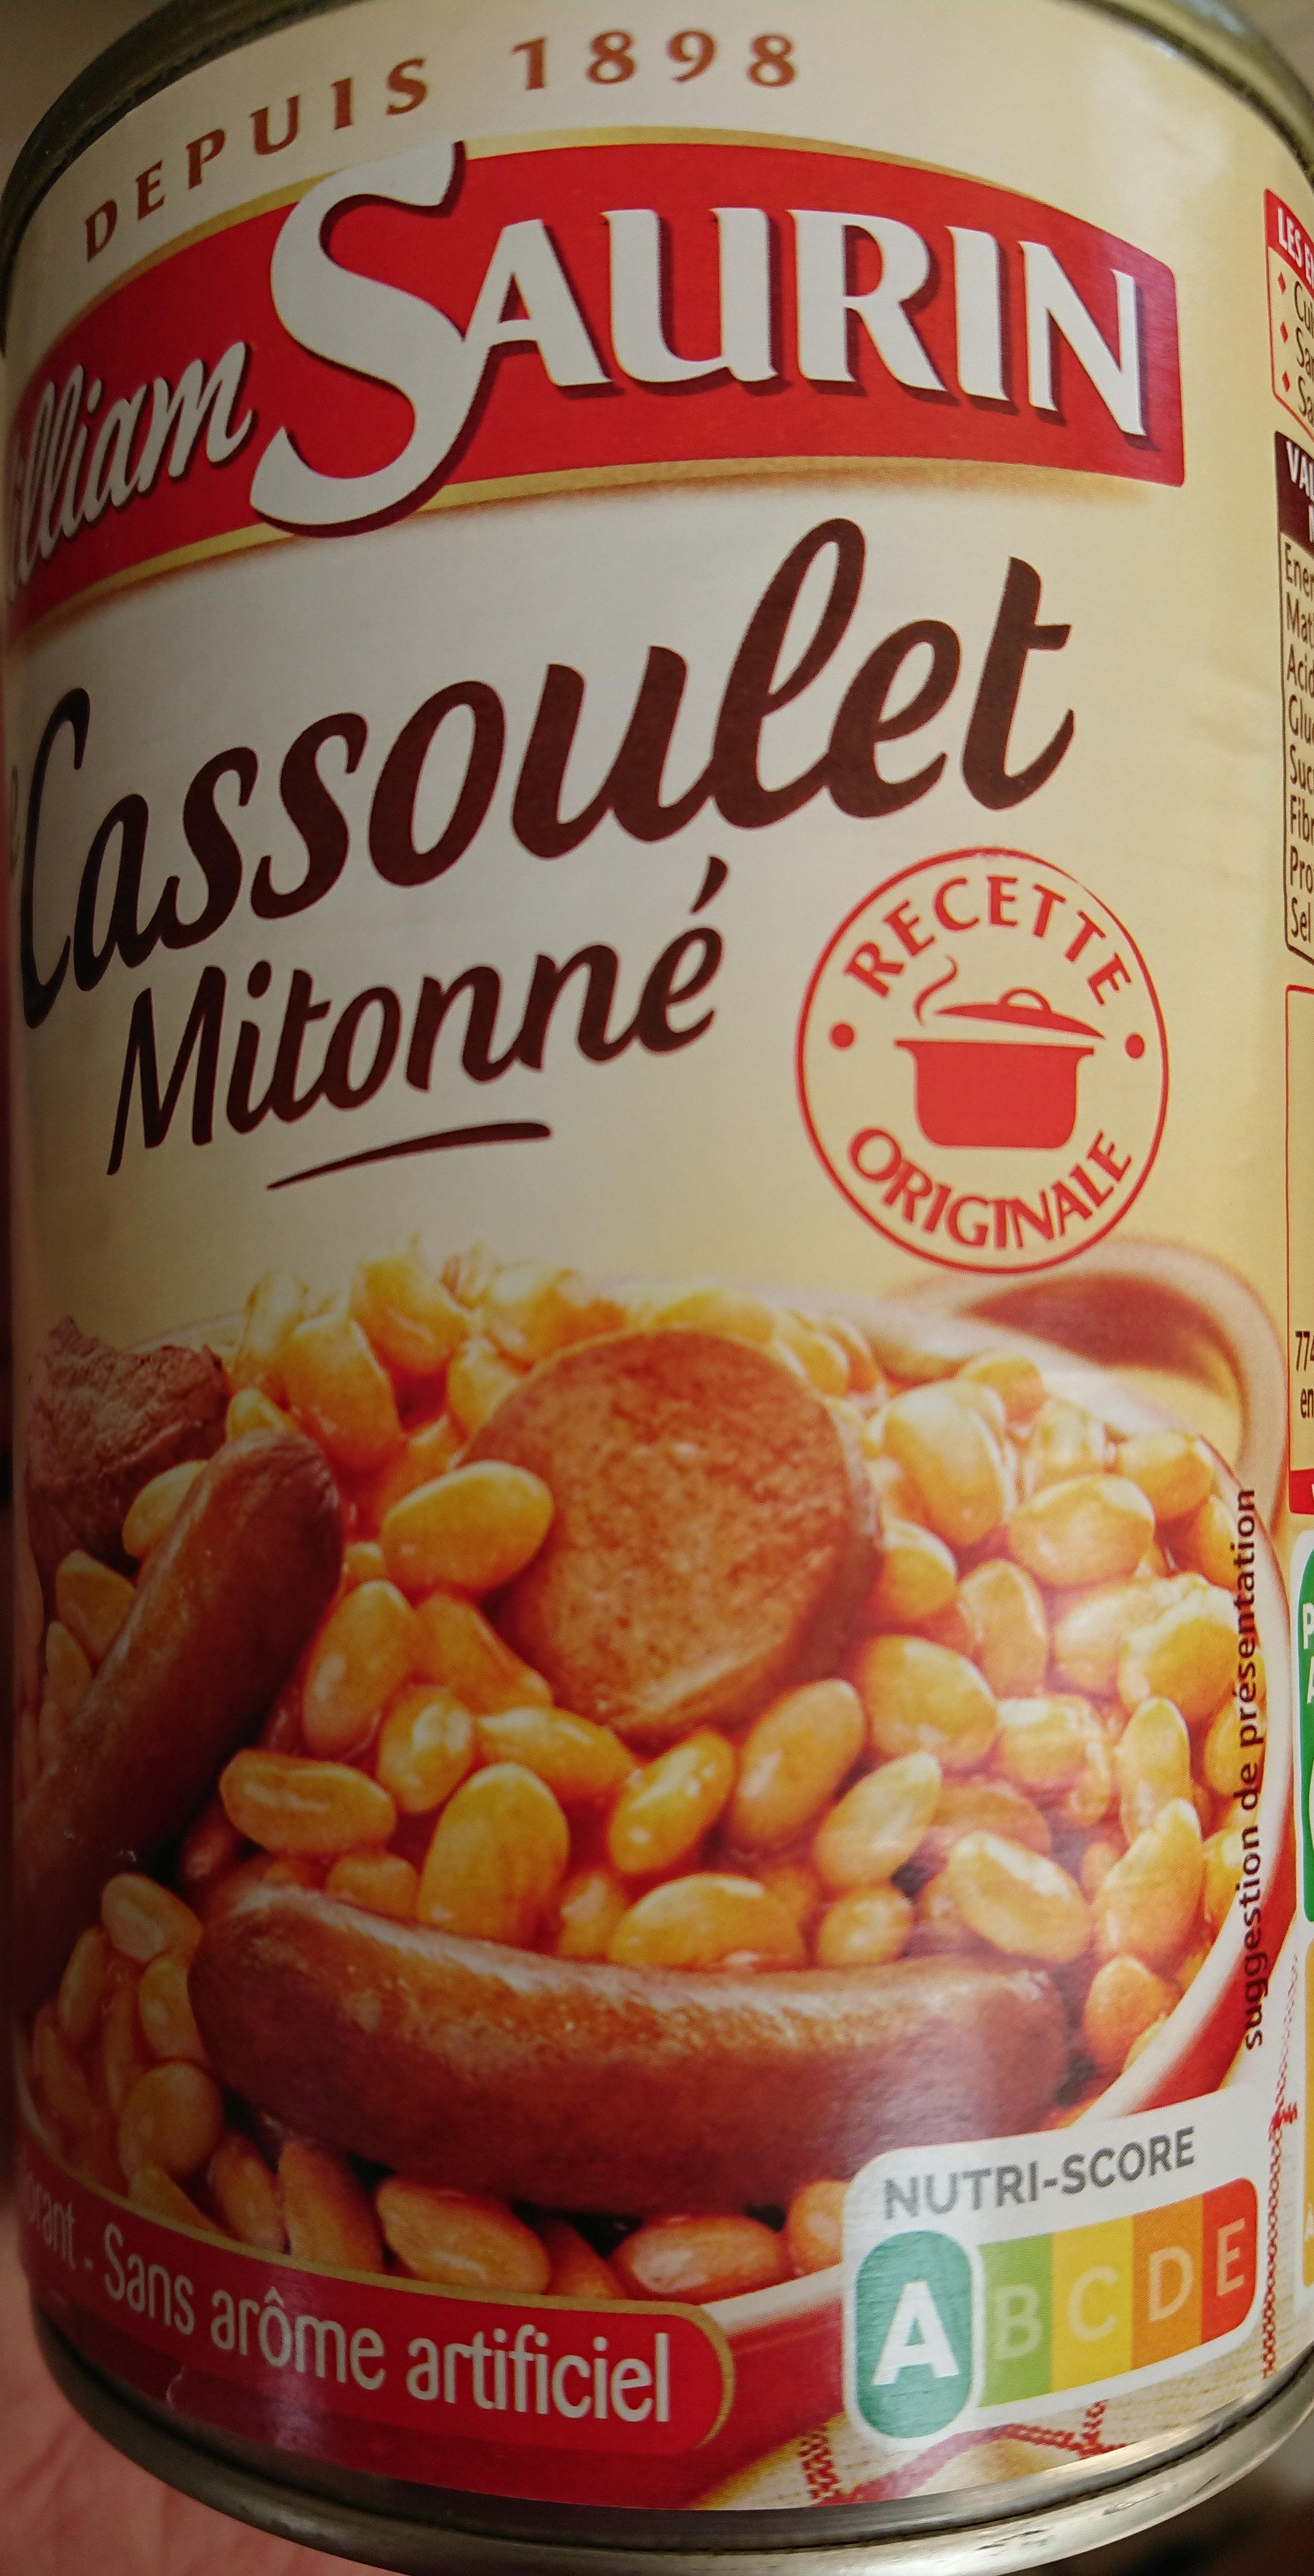 Le Cassoulet Mitonné - Product